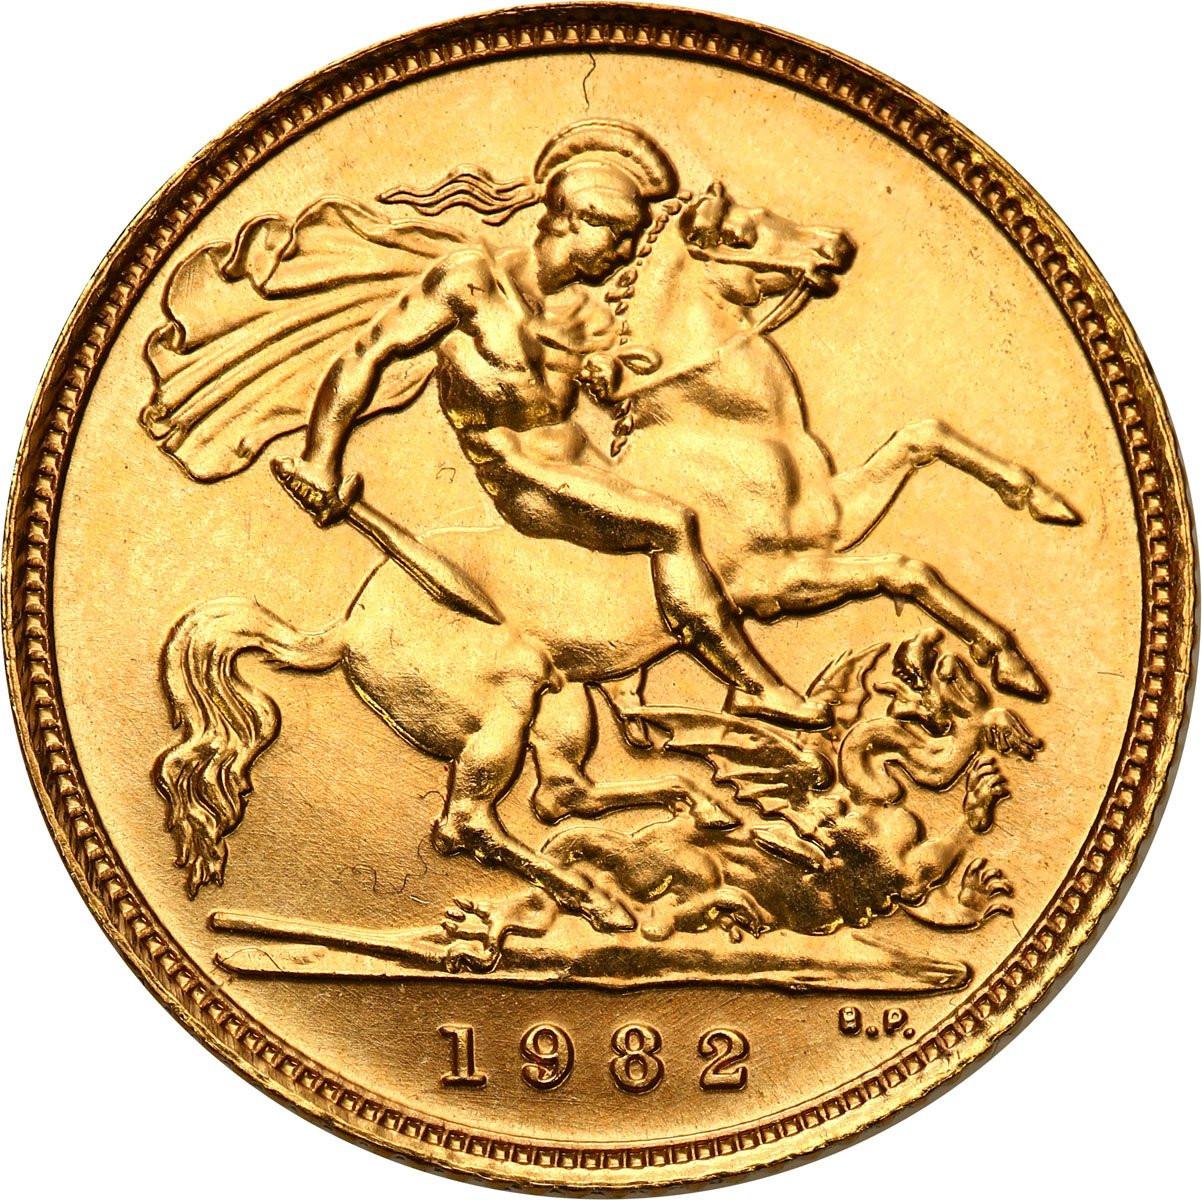 Wielka Brytania 1/2 suwerena 1982 Elżbieta II